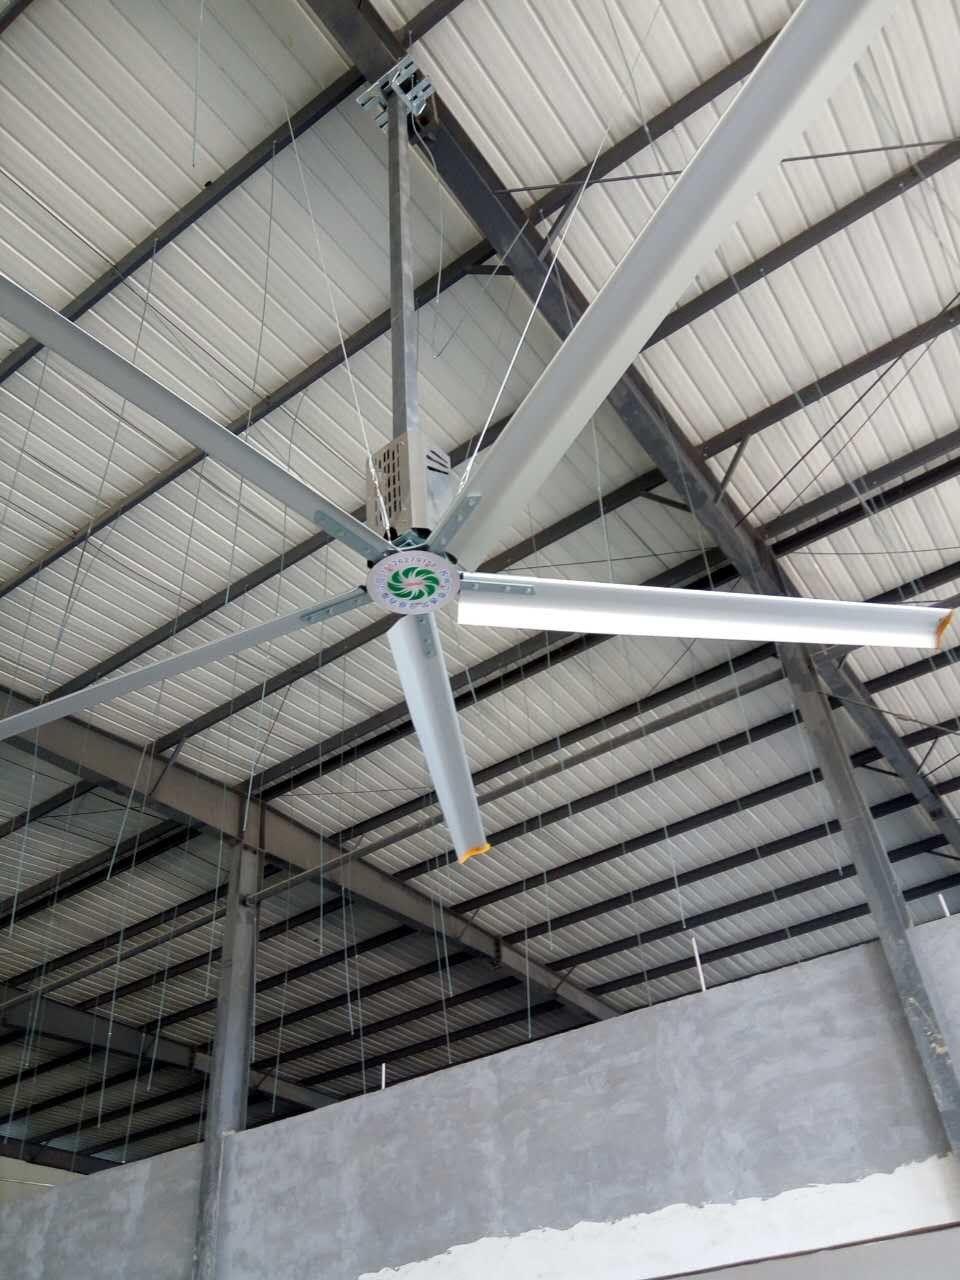 温州工业风扇吊扇加工新常见问题及相应解决